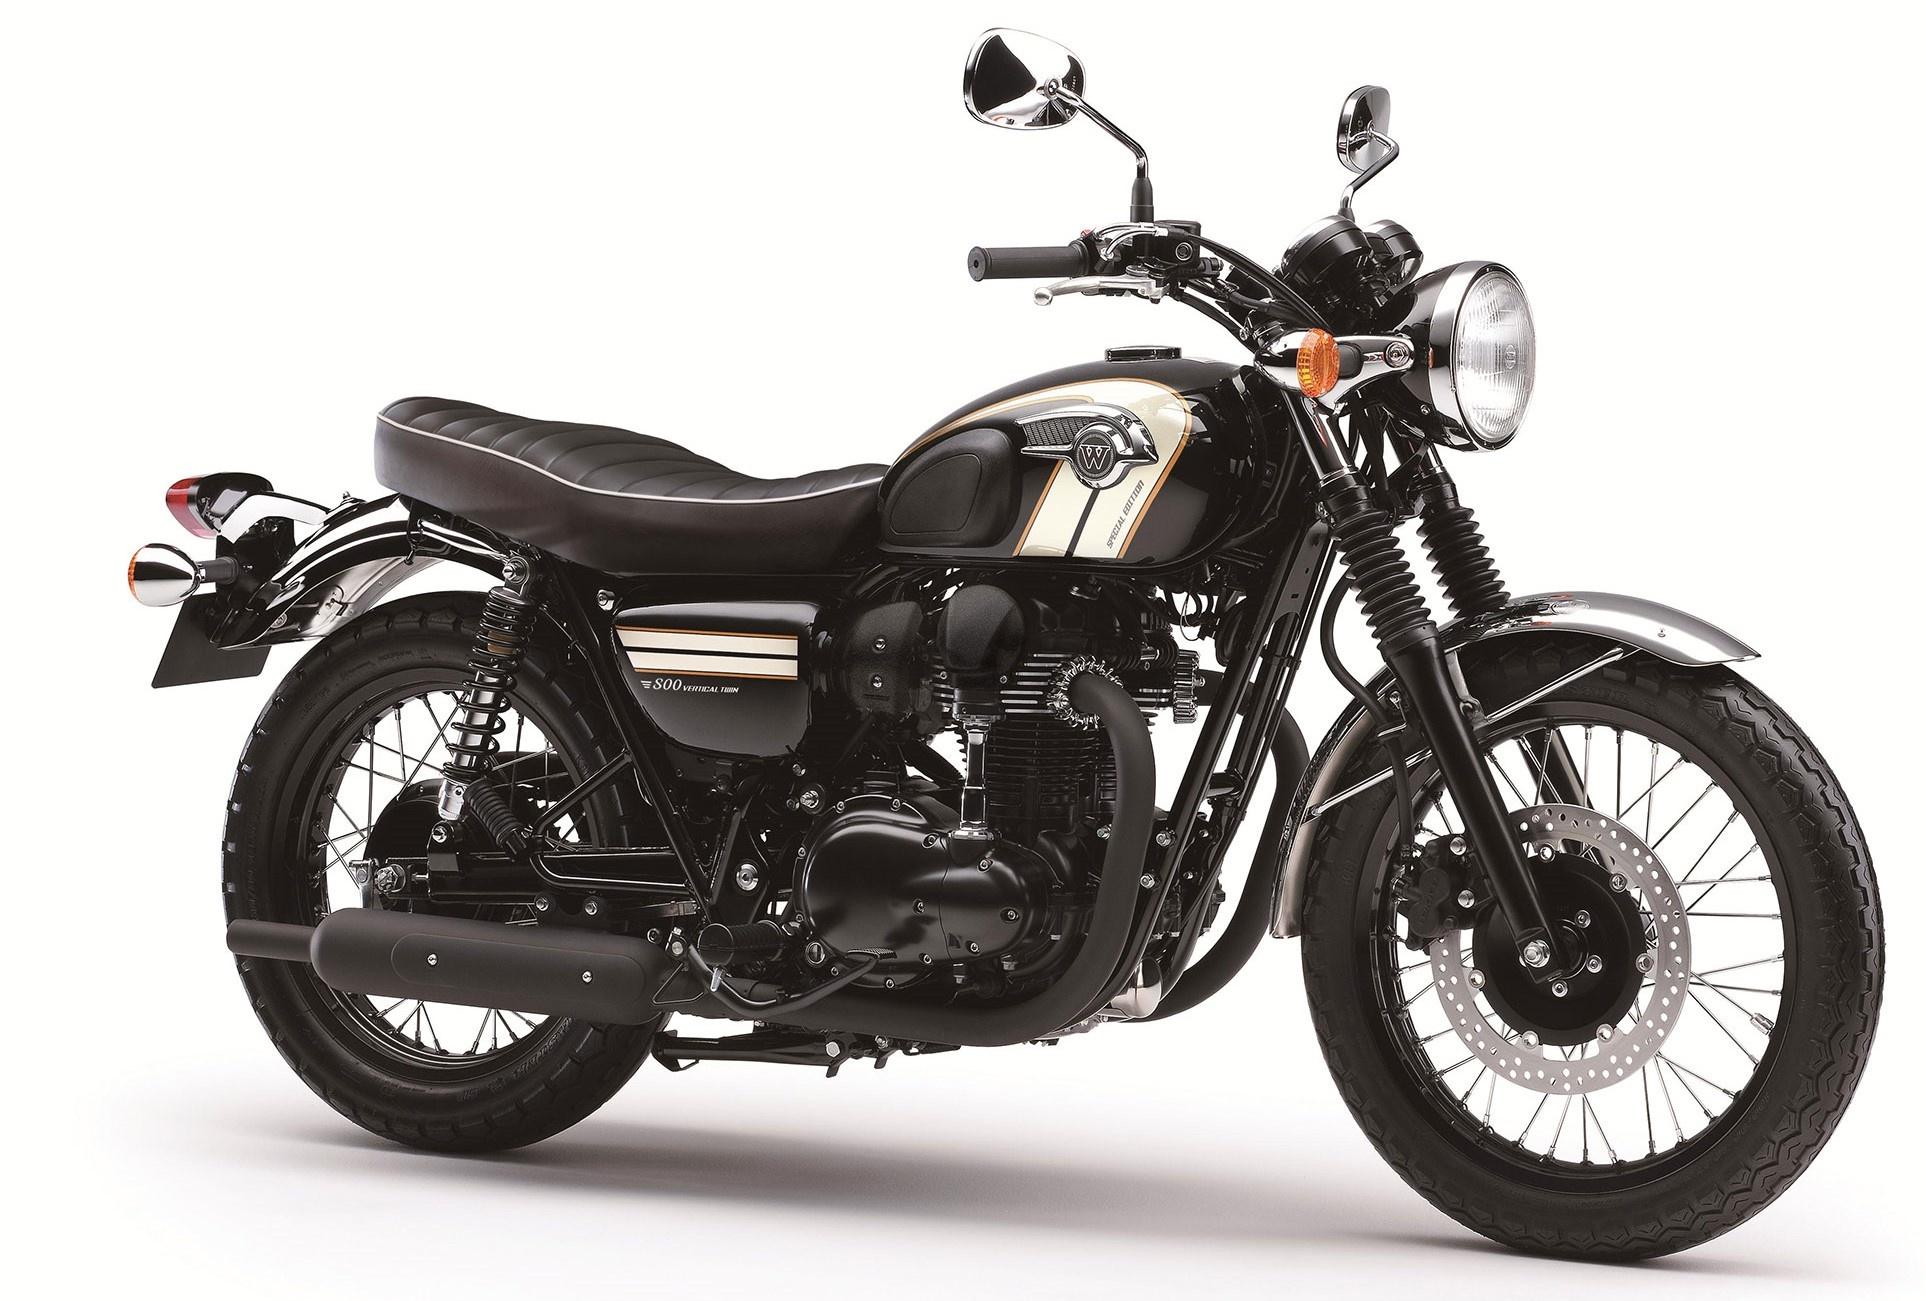 Kawasaki W800 (2010-2016)